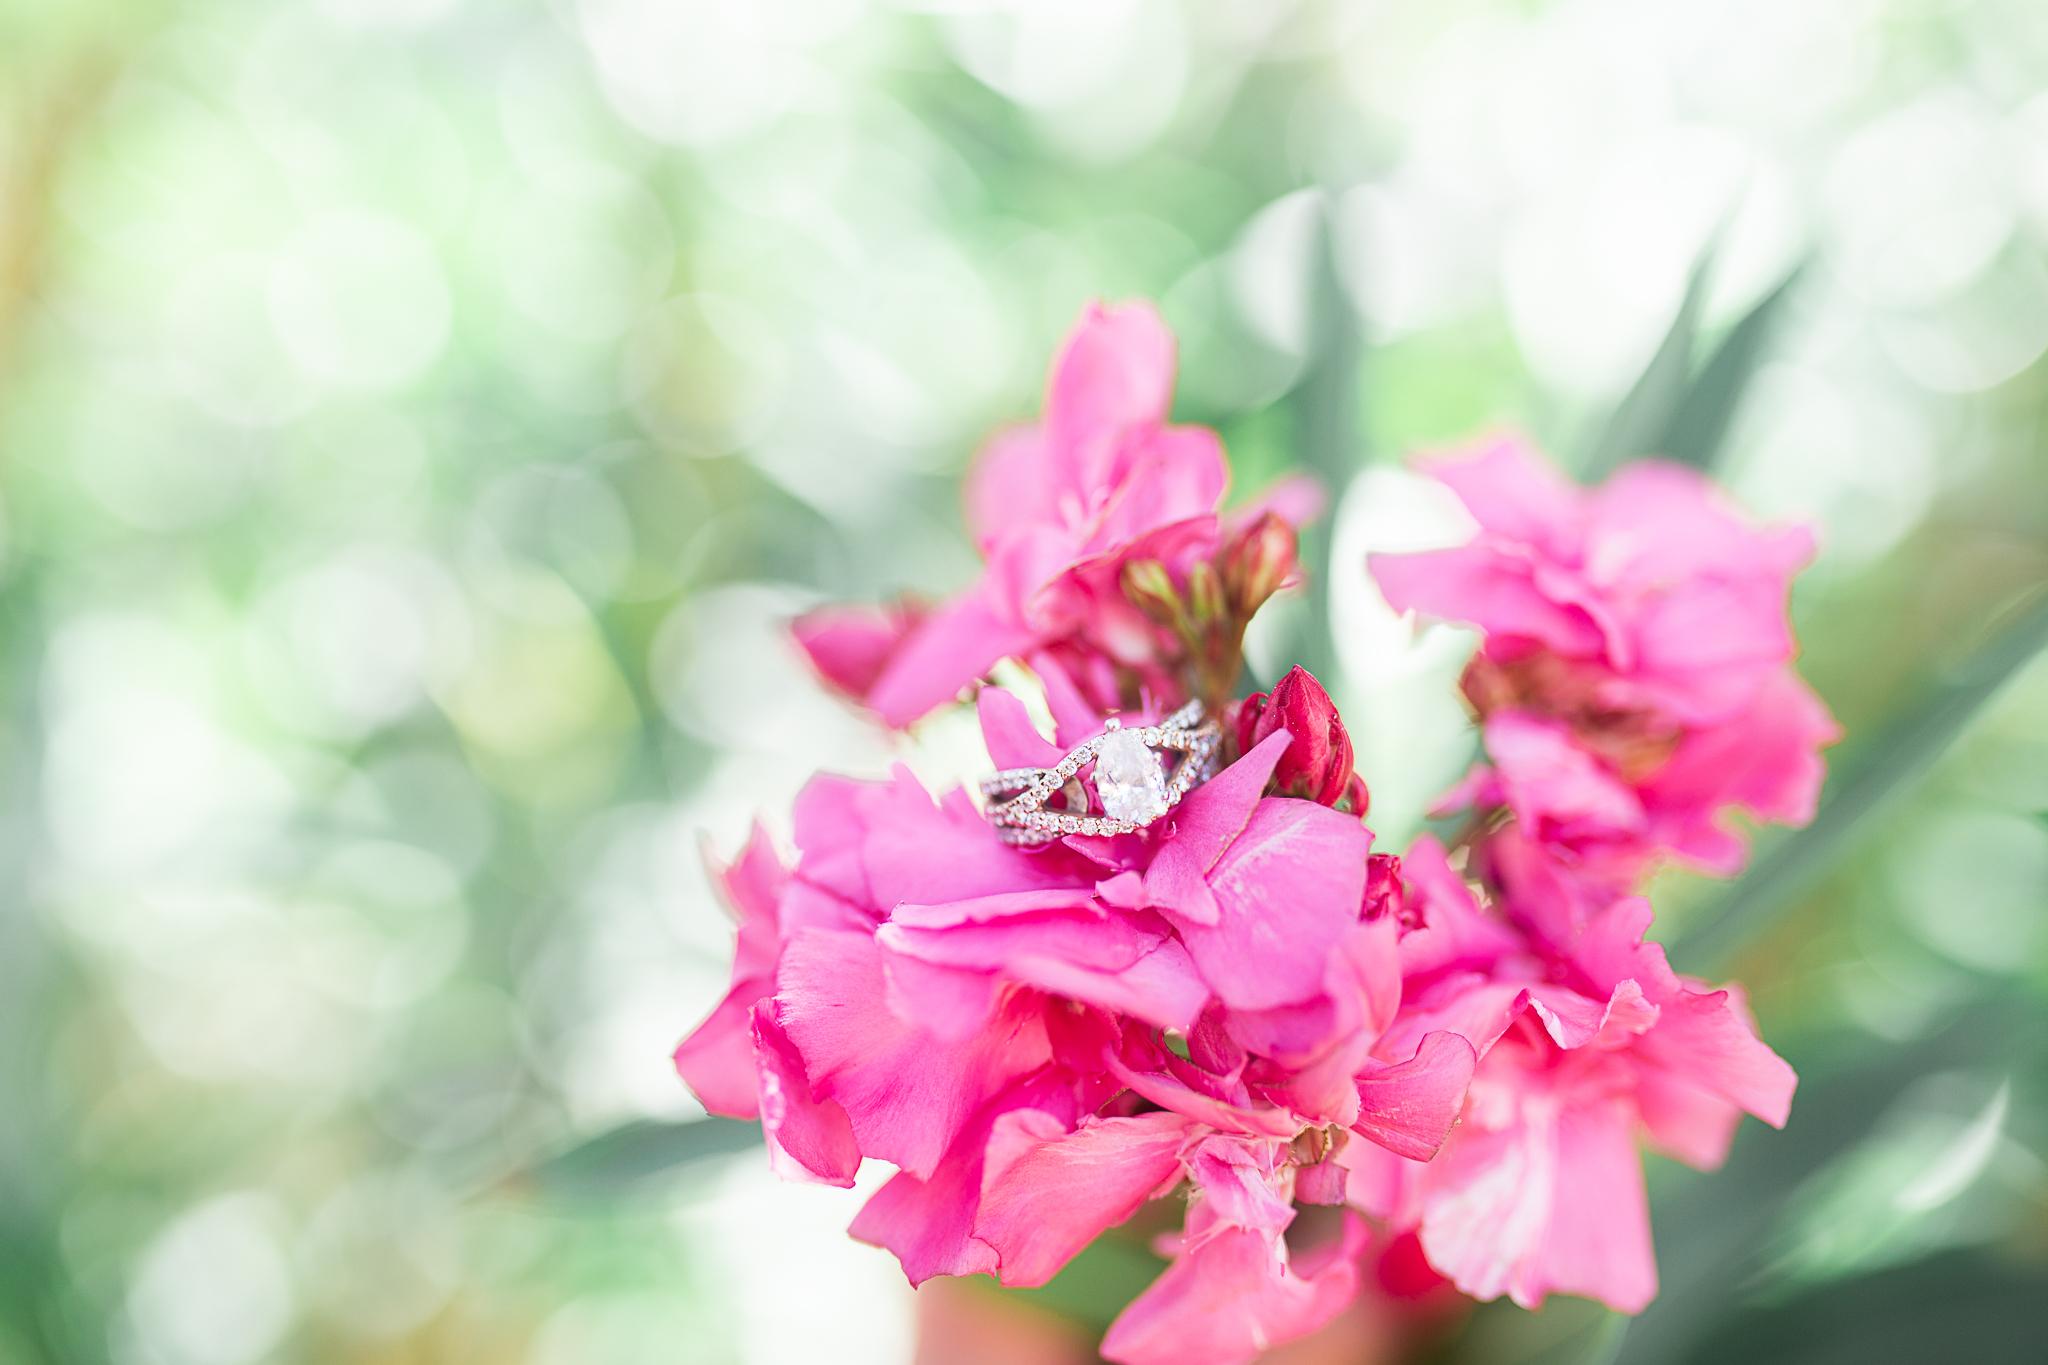 wedding ring detail shot in flowers